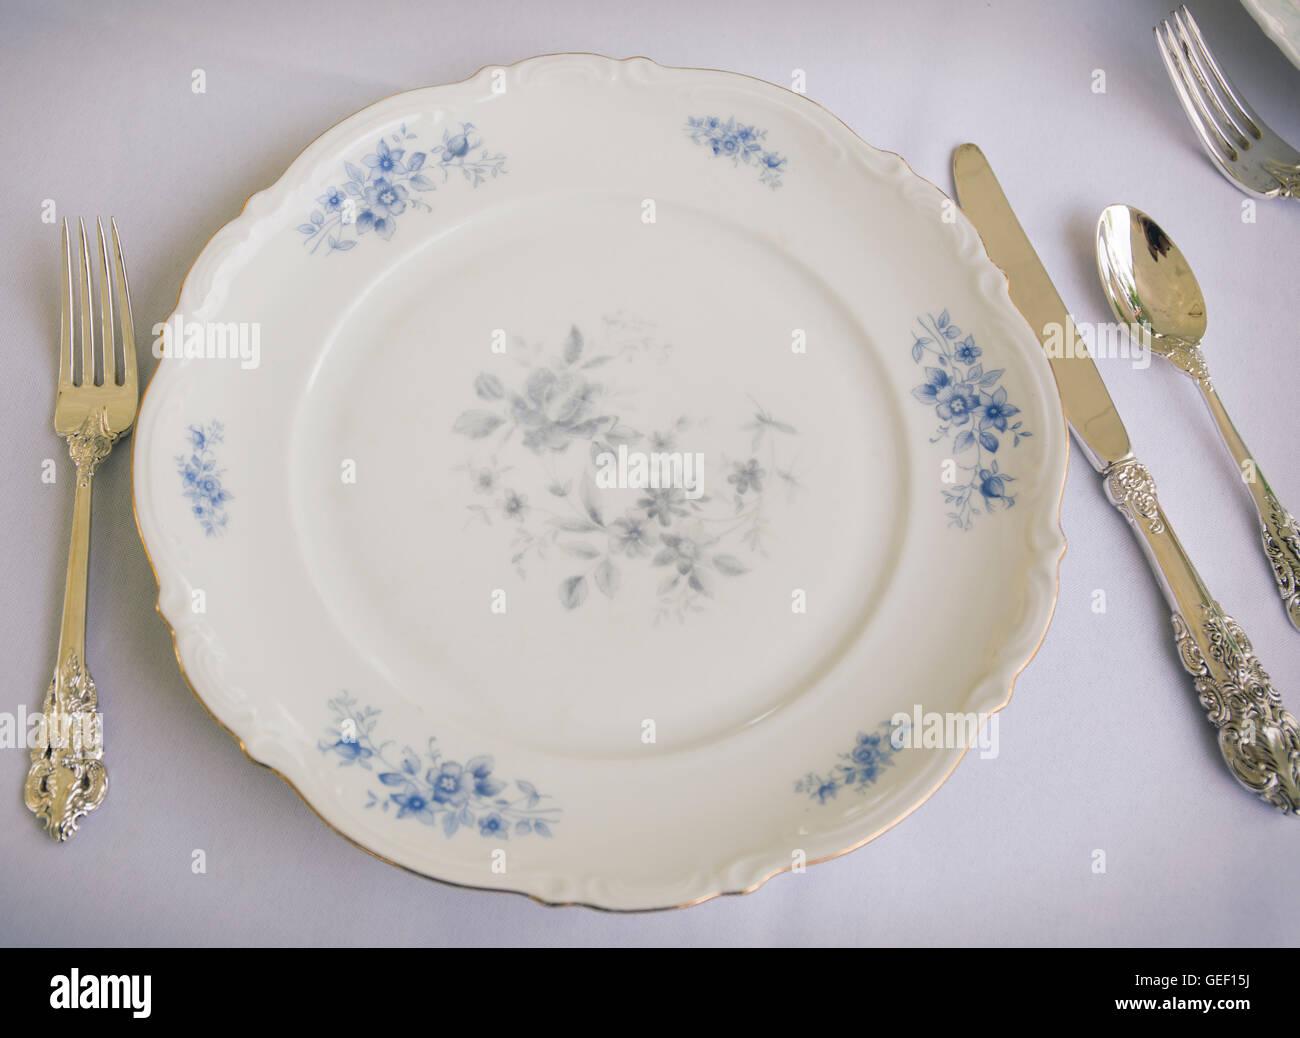 Tischdekoration mit feinem Porzellan und Silberbesteck Stockbild